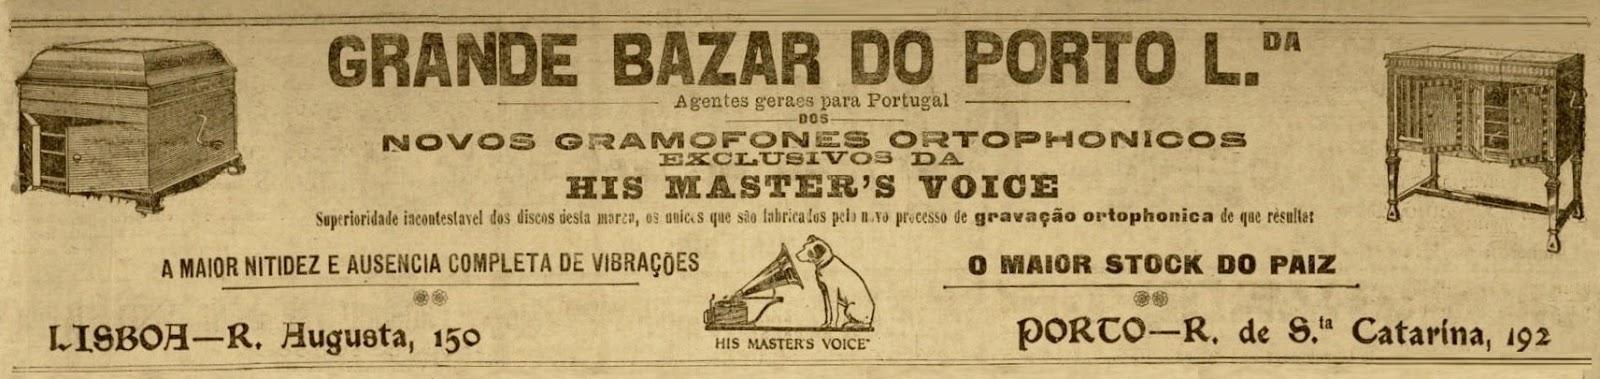 Publicidade Grande Bazar do Porto